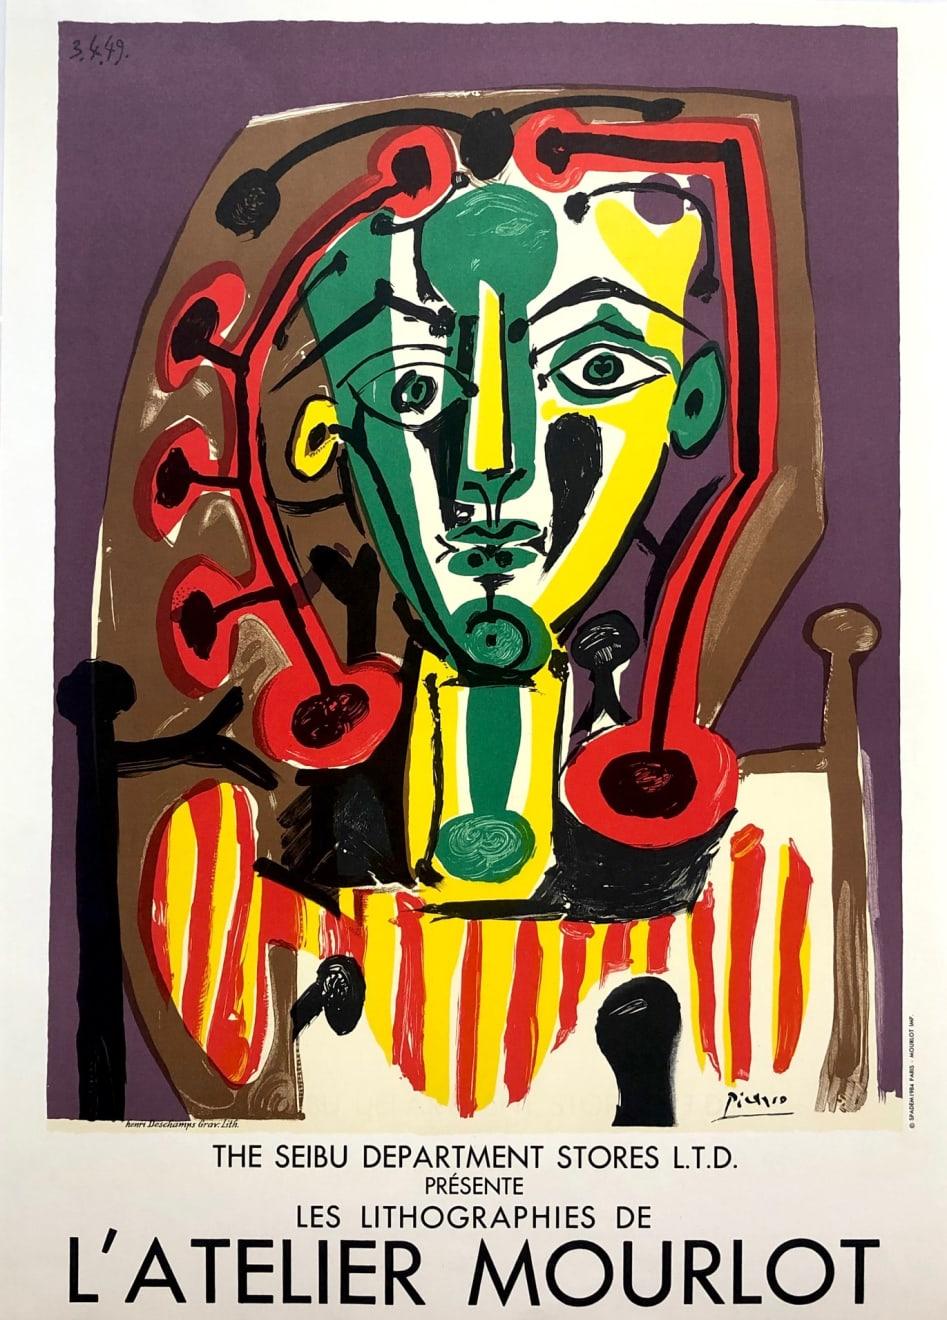 Pablo Picasso, 'Les Lithographies de l' Atelier Mourlot' Picasso Poster, 1984